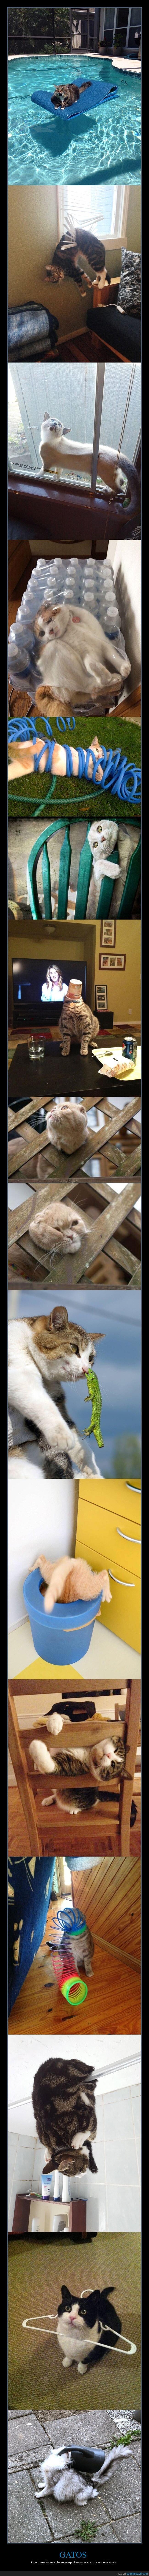 arrepentirse,decisiones,fails,gatos